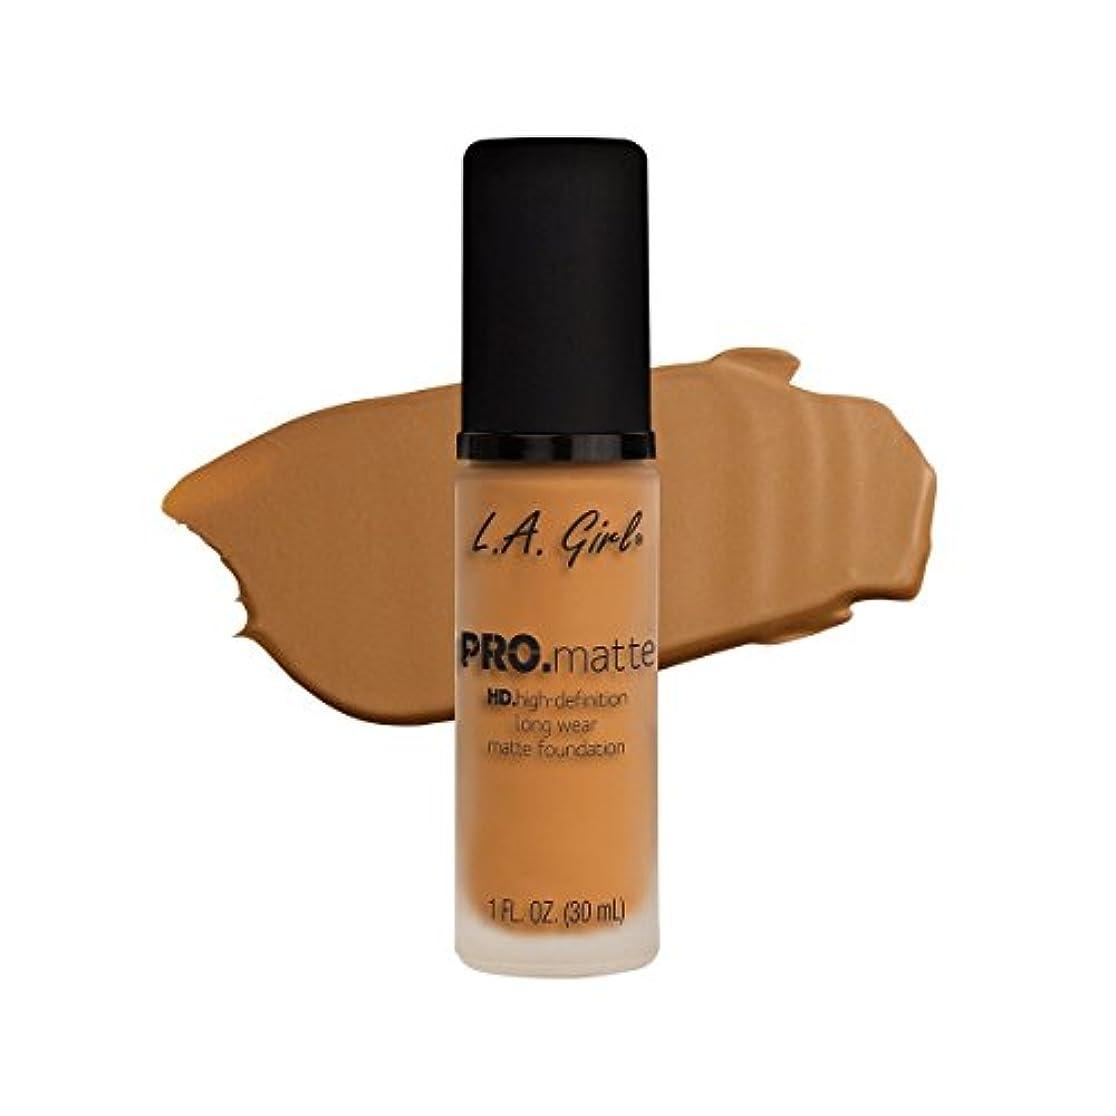 爵チャンス明示的に(3 Pack) L.A. GIRL Pro Matte Foundation - Golden Bronze (並行輸入品)